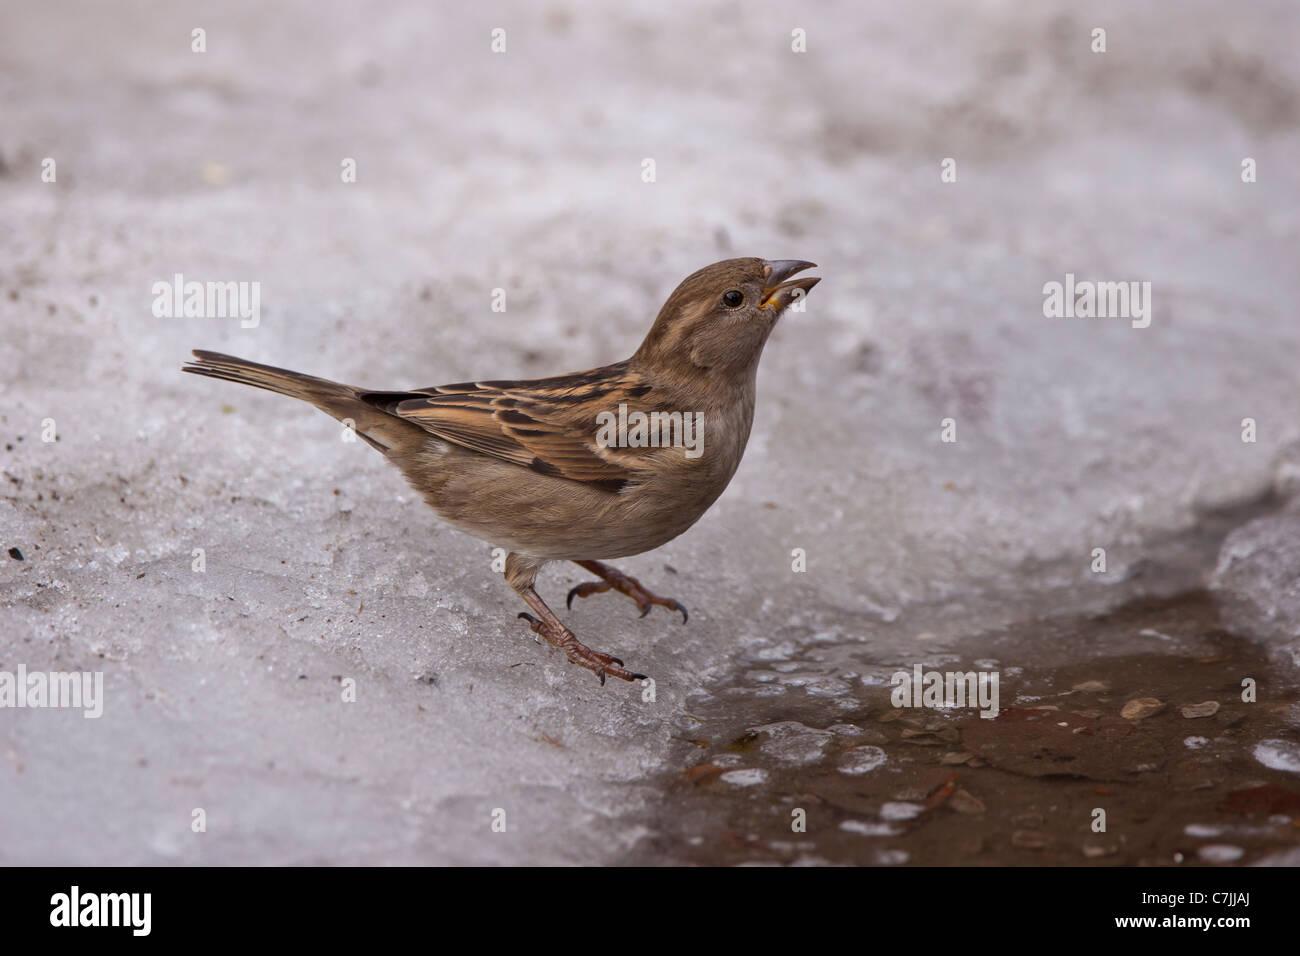 Passer domesticus SINGVöGEL aussen draussen ein einer einzel eis female haussperling haussperlinge ice natur - Stock Image